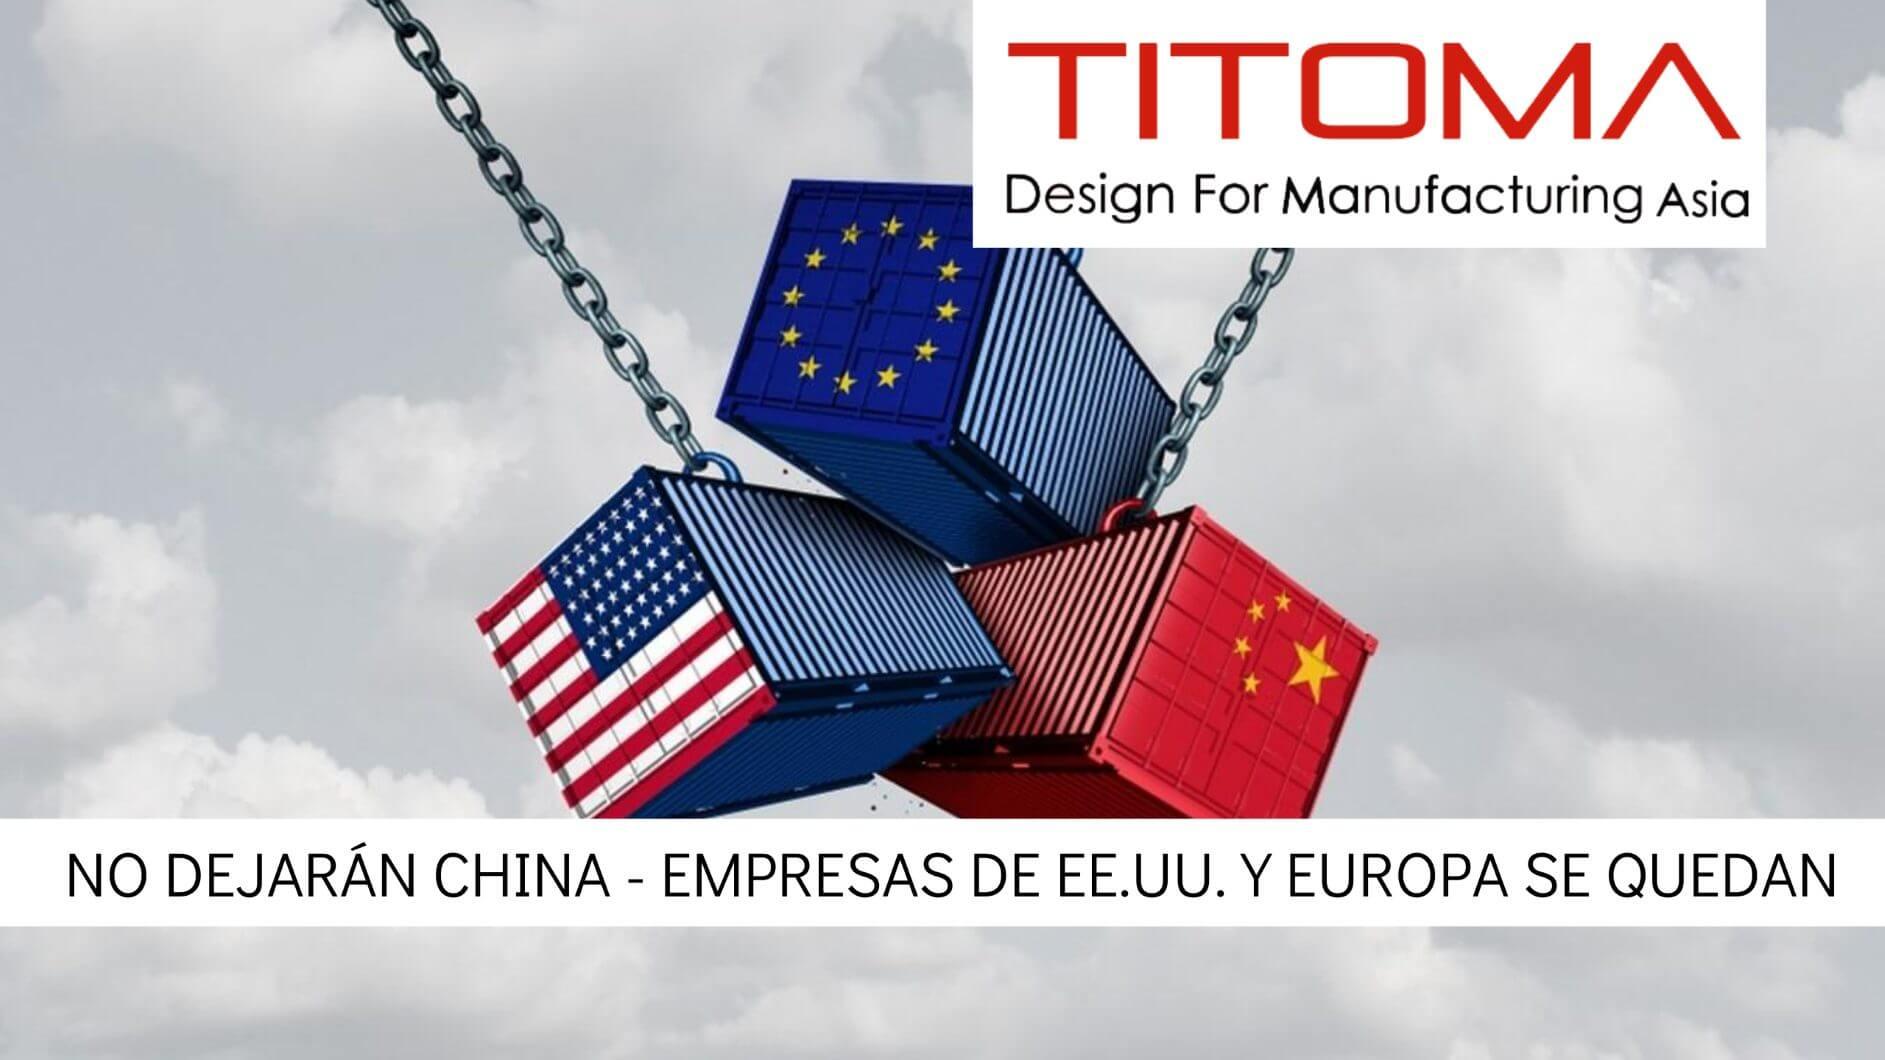 No dejaran China empresas de estadis unidos y Europa